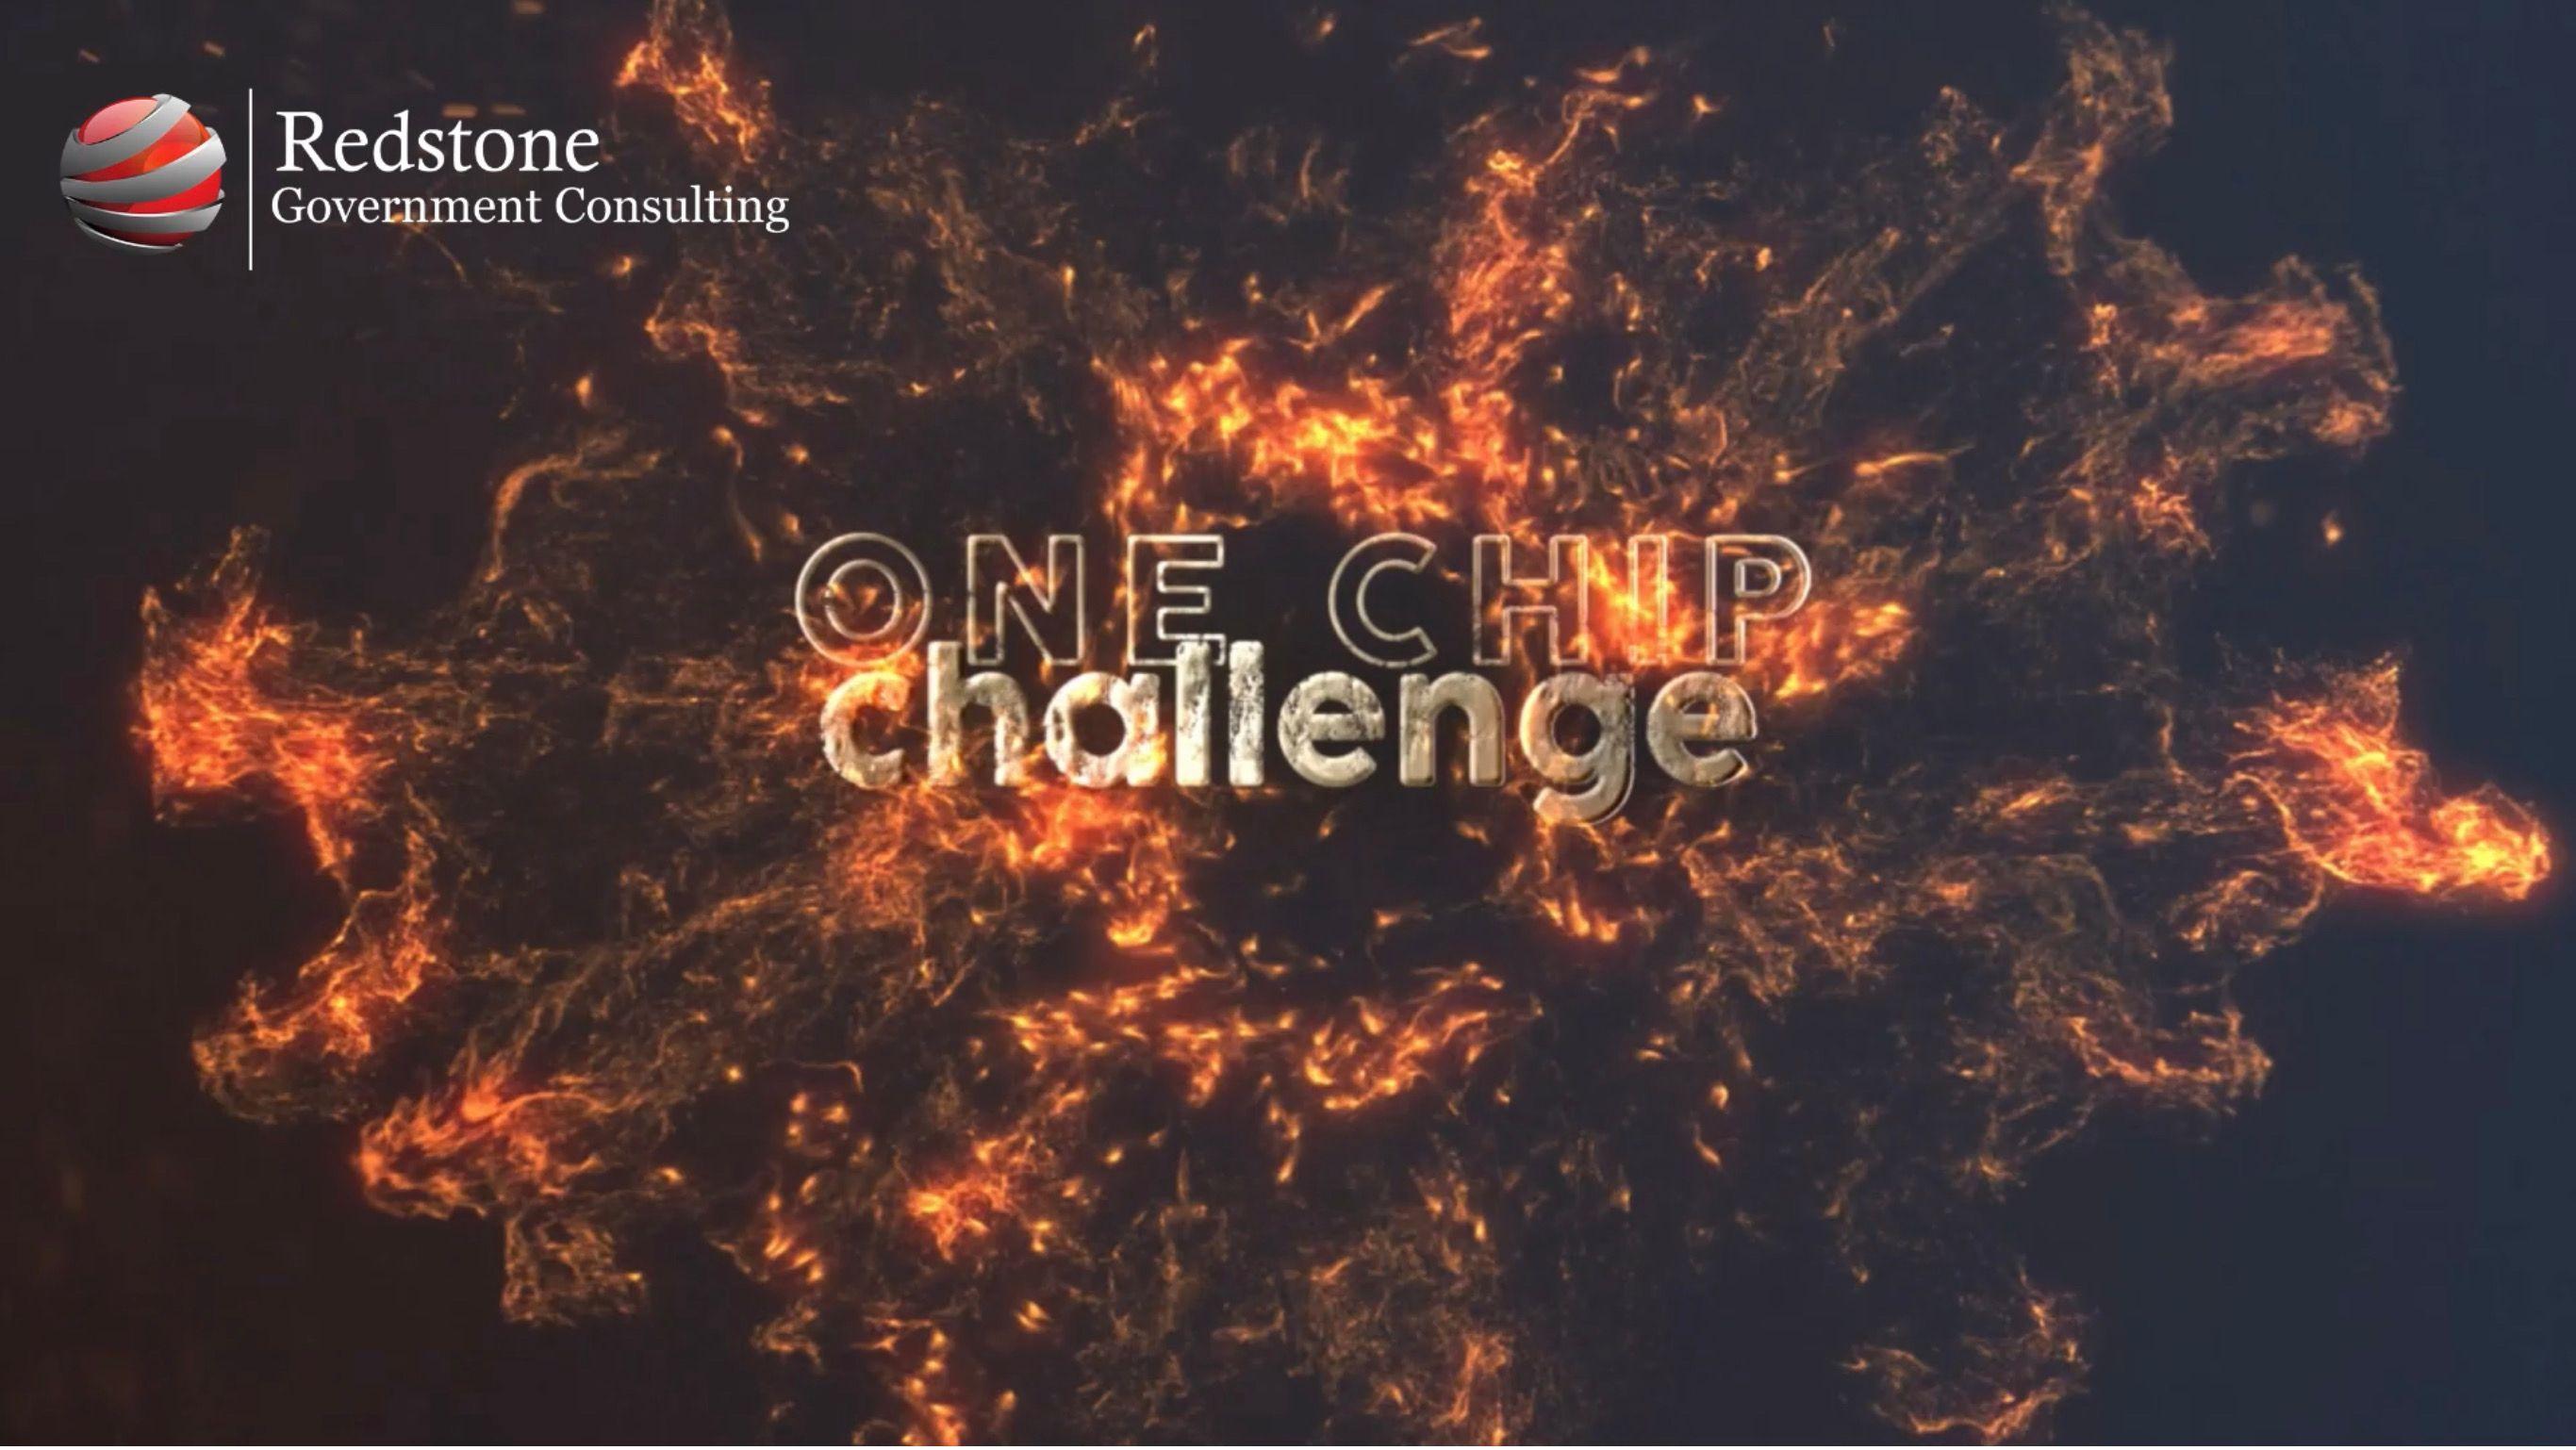 One Chip Challenge - Redstone gci